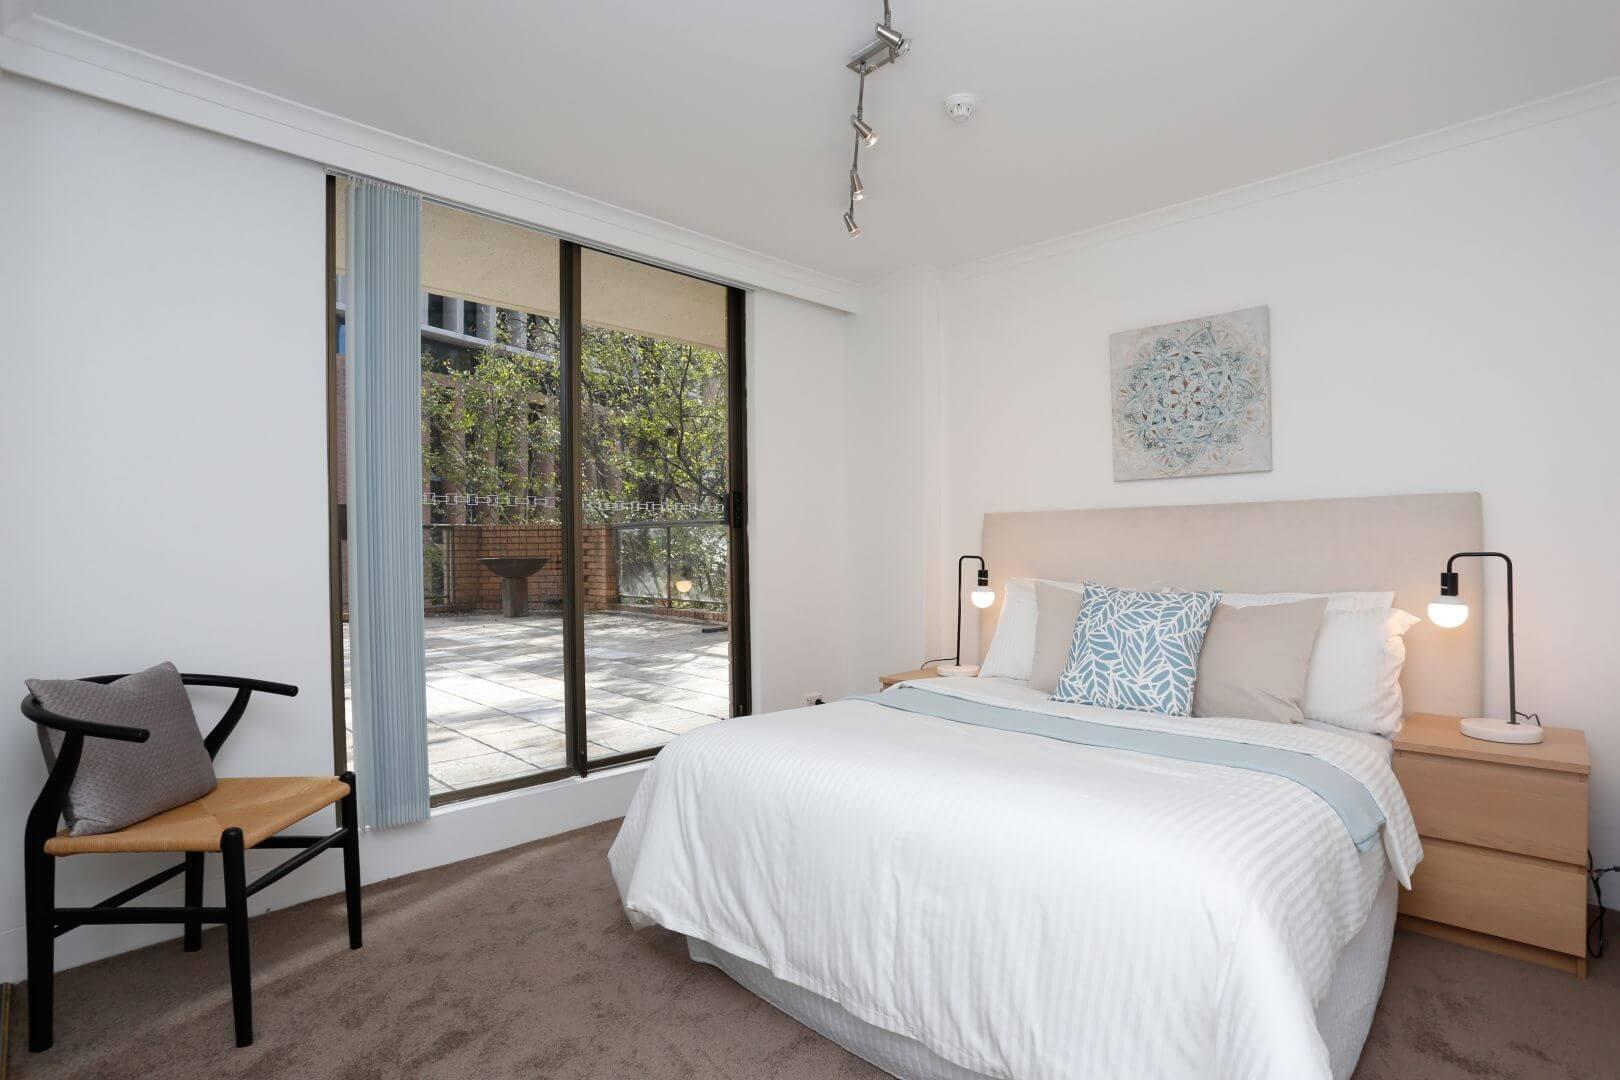 8-336 Sussex Street - Bedroom 2